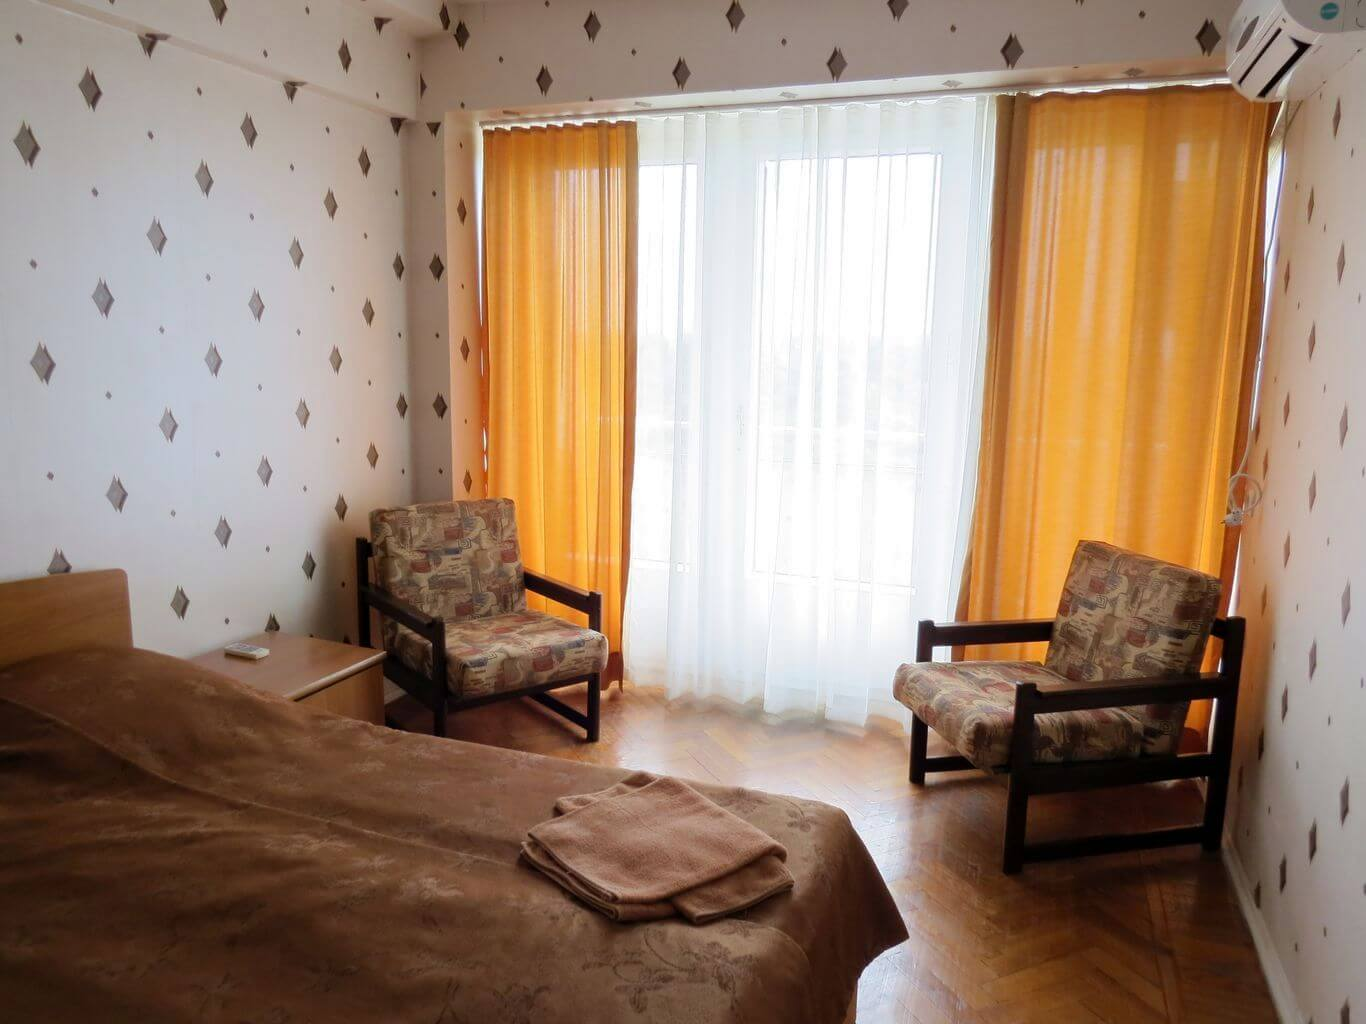 2-местный стандарт (однокомнатный), Дом отдыха Питиус в Пицунде, Абхазия